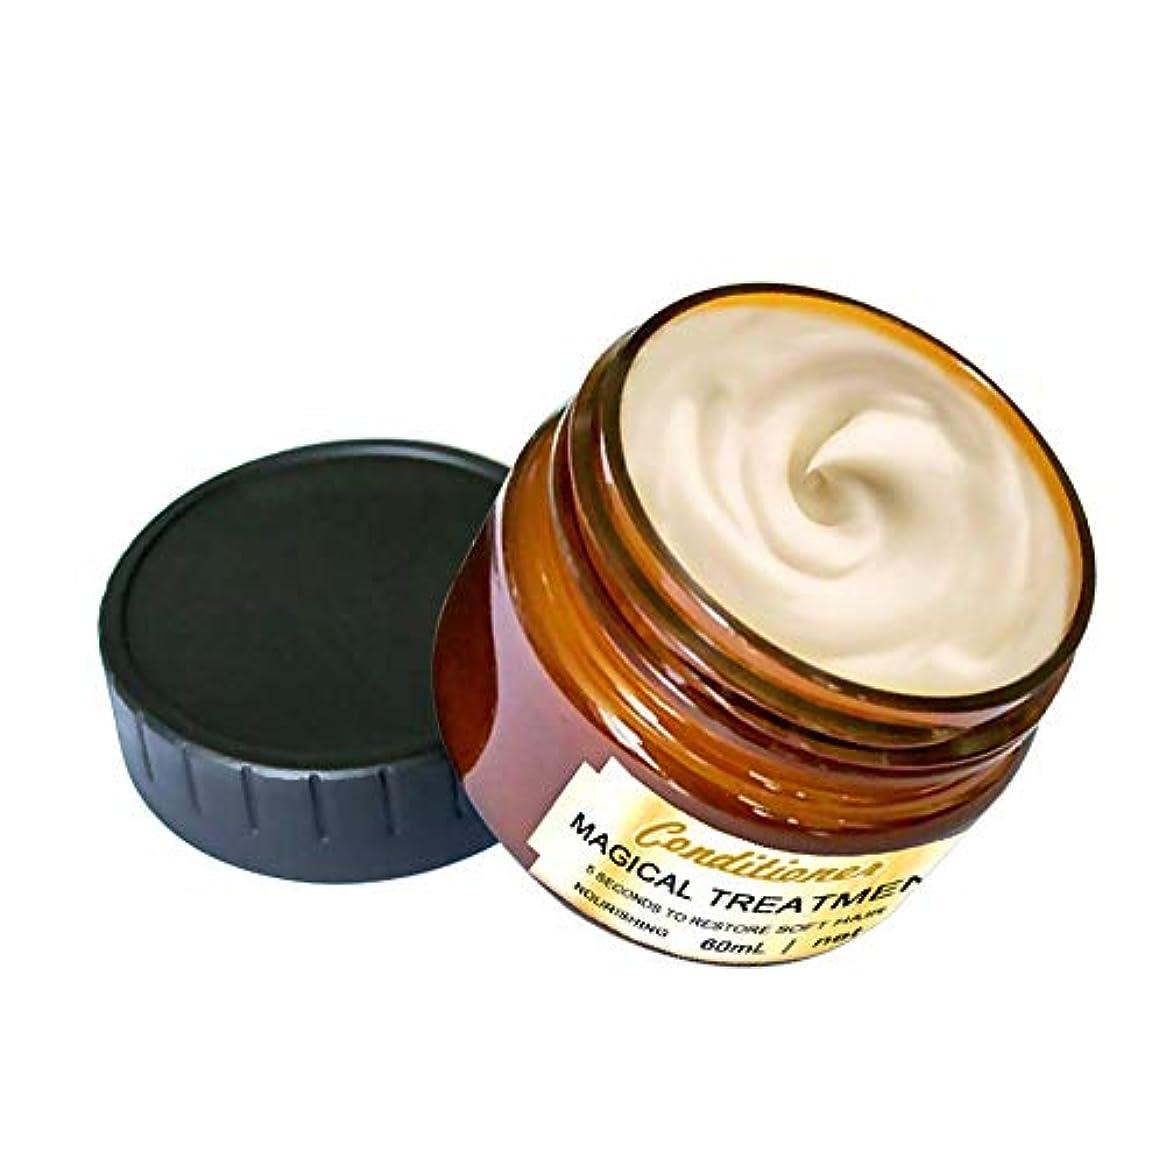 ボス避けられない速報コンディショナー ヘアケアコンディショナー ヘアデトキシファイングヘアマスク 高度な分子 毛根治療の回復 乾燥または損傷した髪と頭皮の治療のための髪の滑らかなしなやか (A 60 ml)